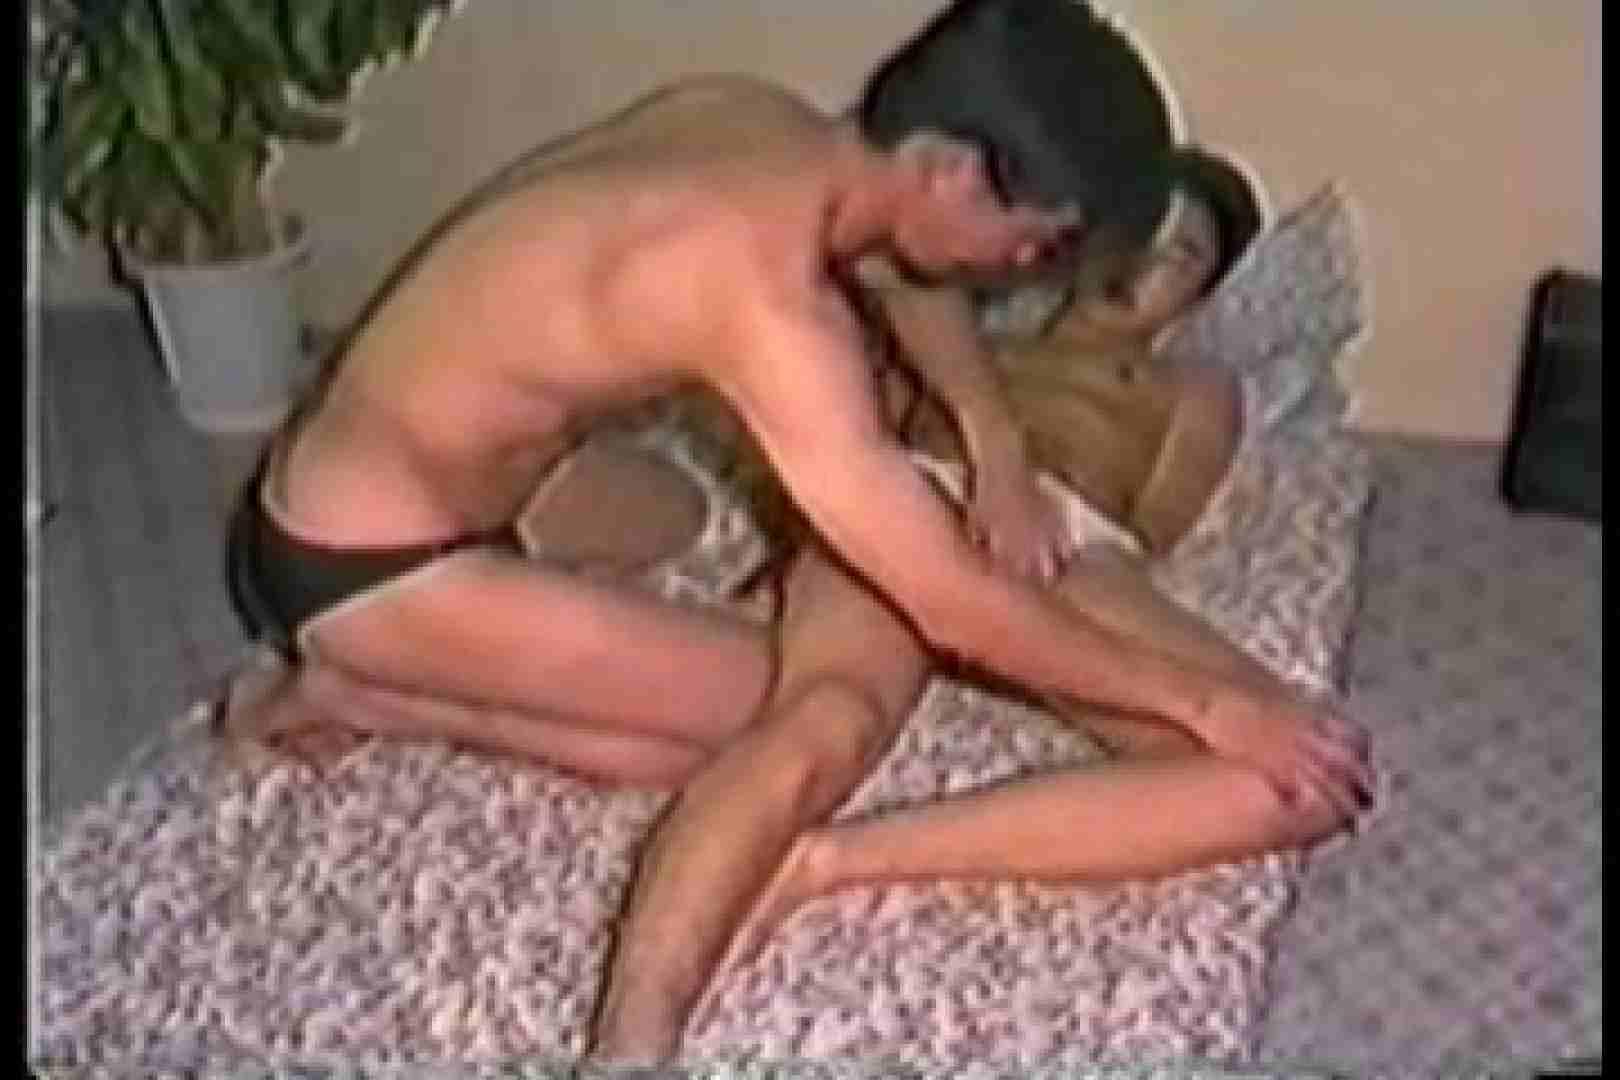 【流出】恥ずかしいけど感じちゃうんだ… メンズ流出映像 | ノンケ達のセックス  54画像 47